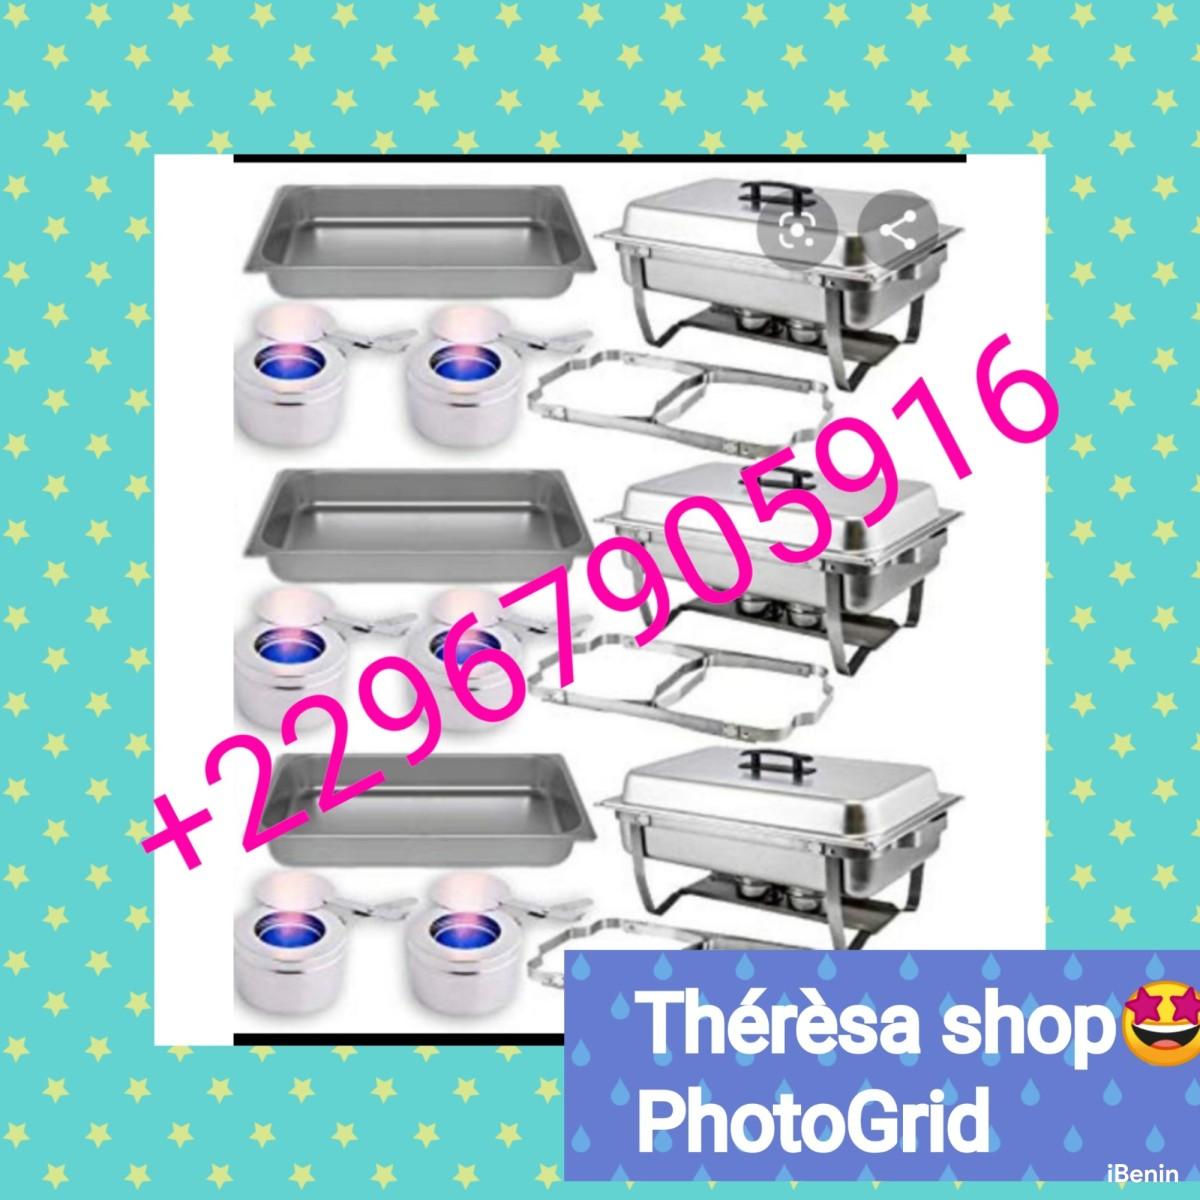 vente-des-ustensiles-de-cuisine-et-des-appareils-electromenagers-big-5